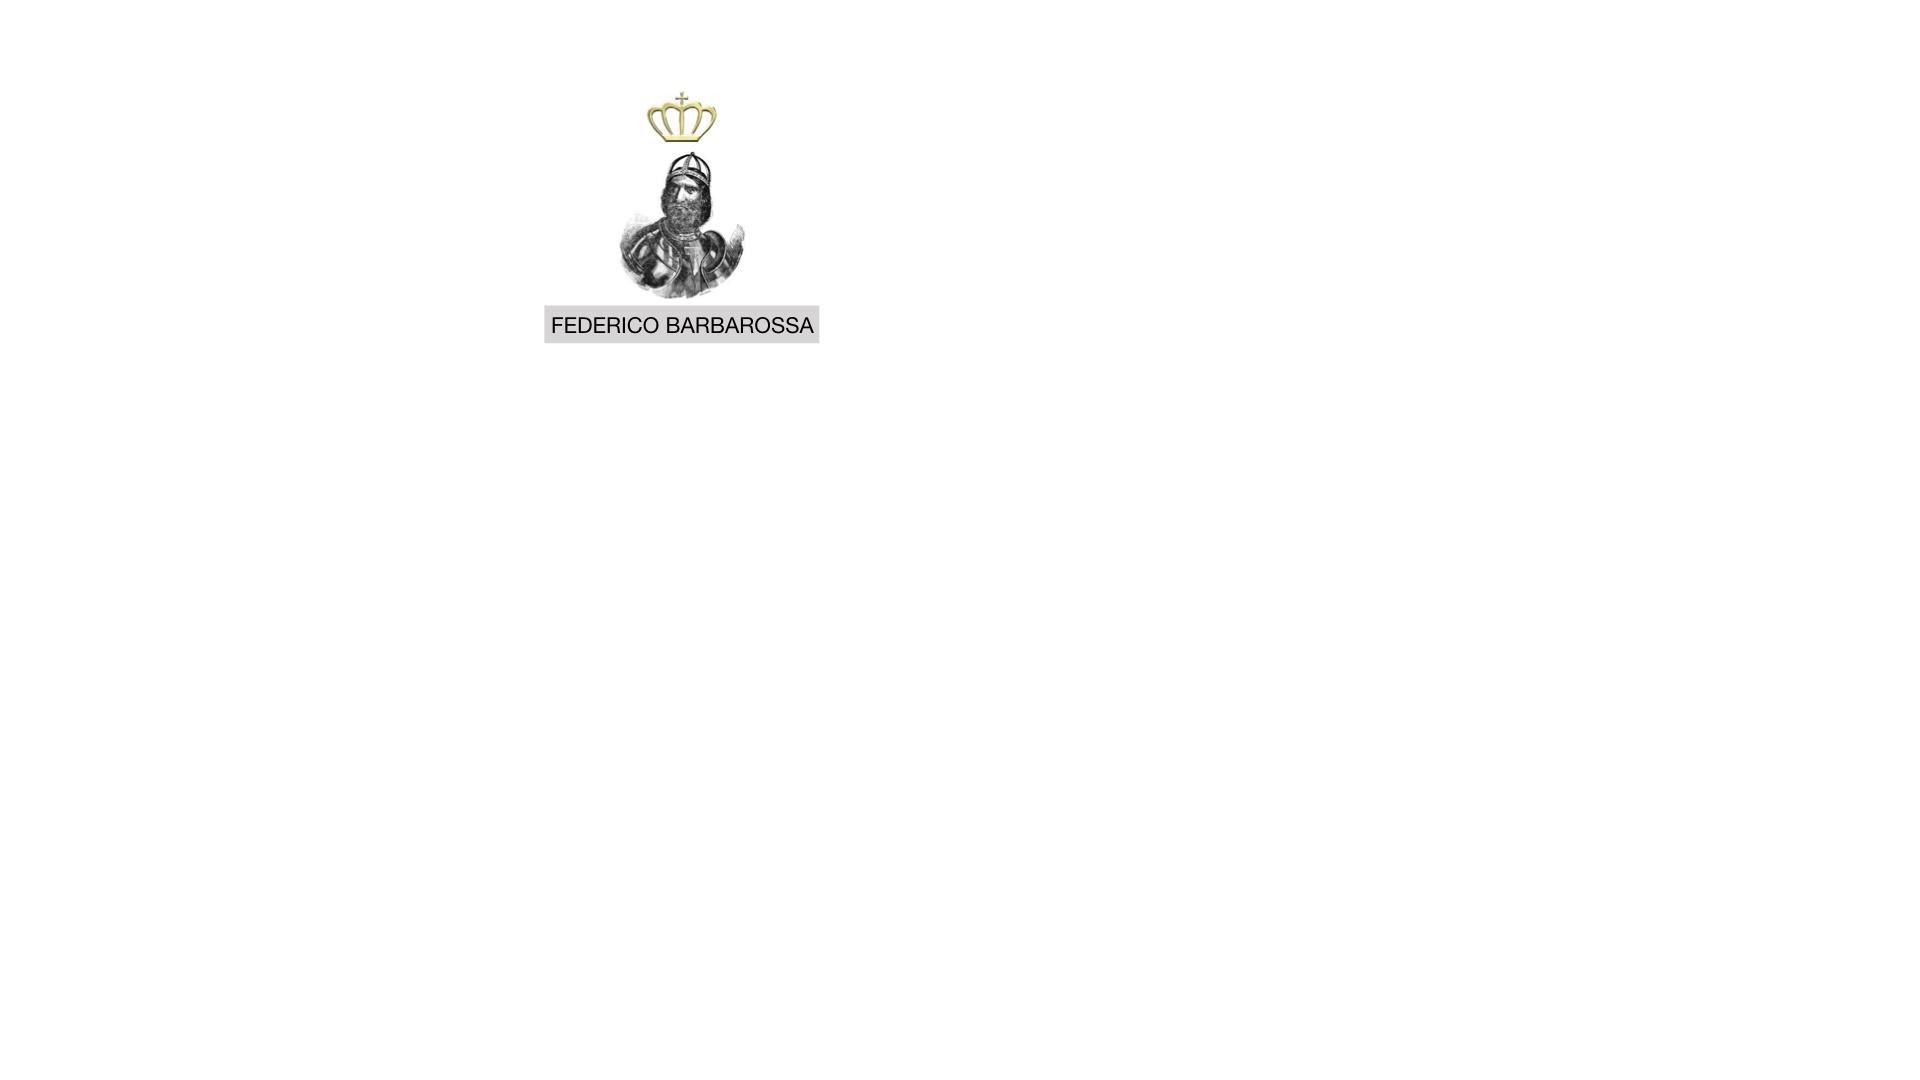 STORIA FEDERICO BARBAROSSA-MOVIMENTI RELIGIOSI_SIMULAZIONE_estesa.016